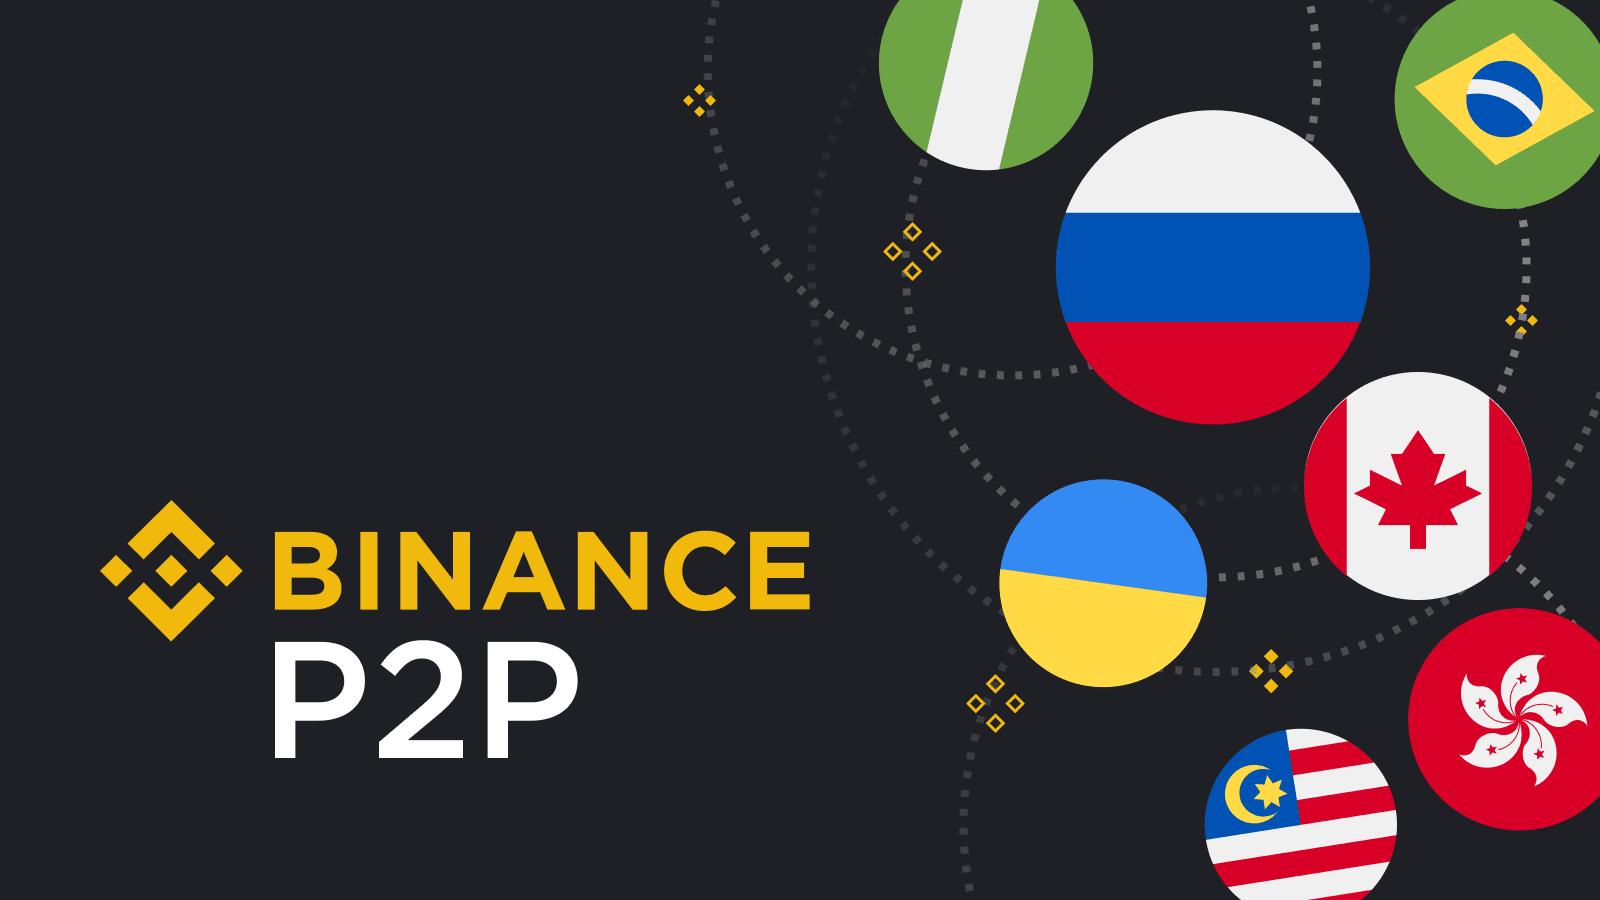 ¿Cómo vender en Binance P2P?